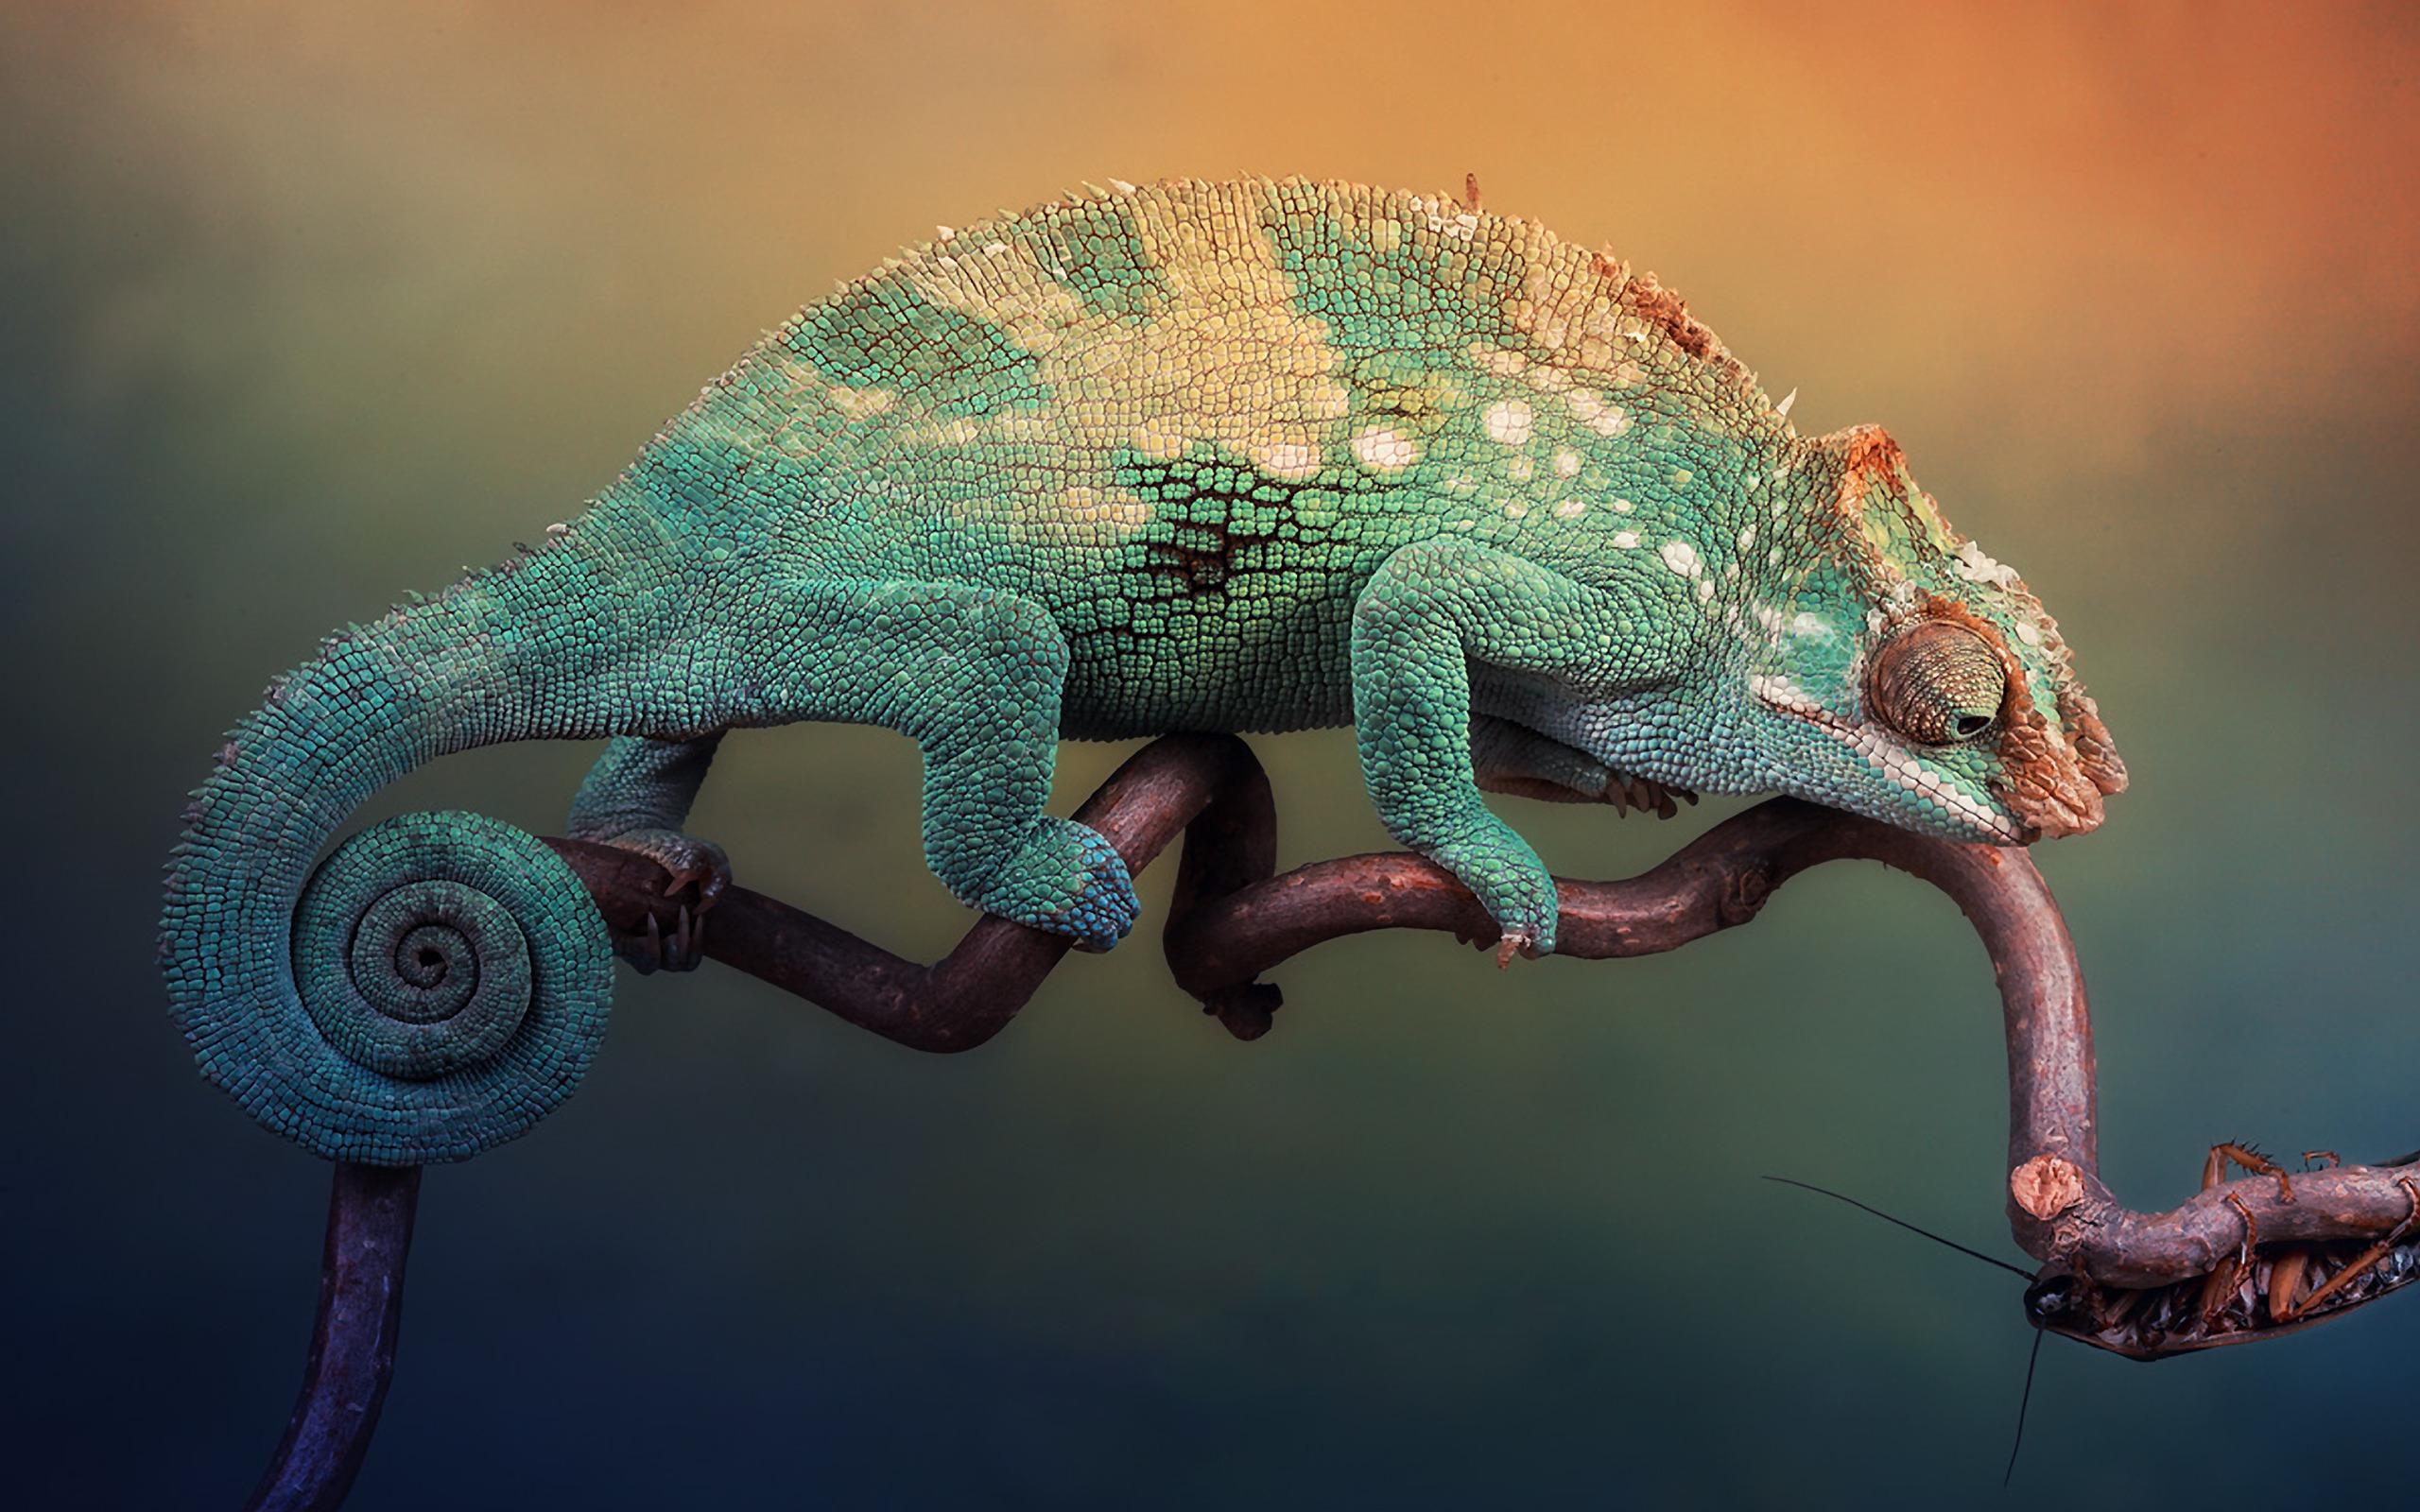 Картинка: Хамелеон, окрас, цвет, ветка, сидит, смотрит, таракан